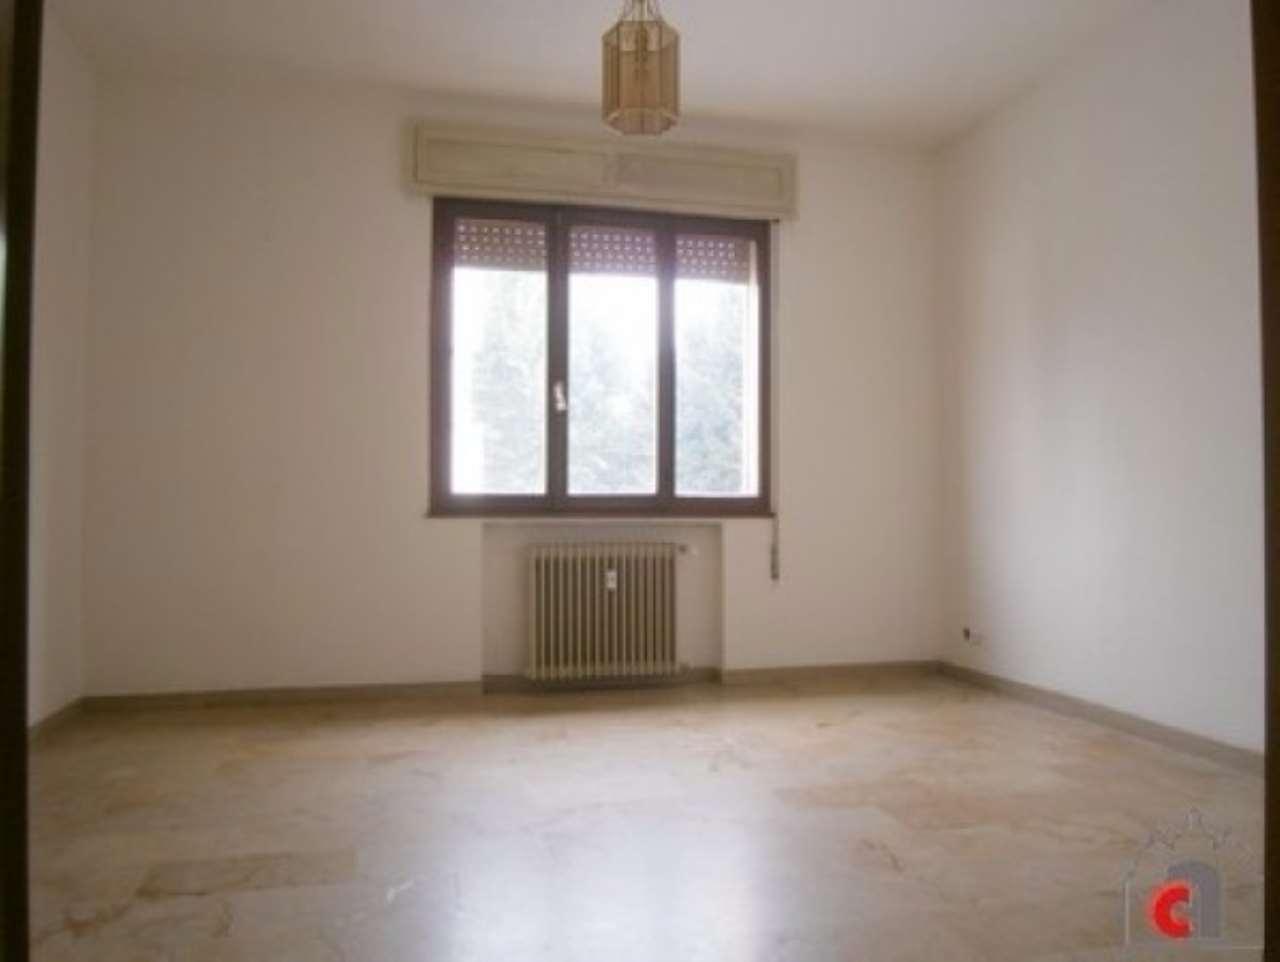 Appartamento in vendita a Padova, 5 locali, zona Zona: 5 . Sud-Ovest (Armistizio-Savonarola), prezzo € 155.000 | CambioCasa.it